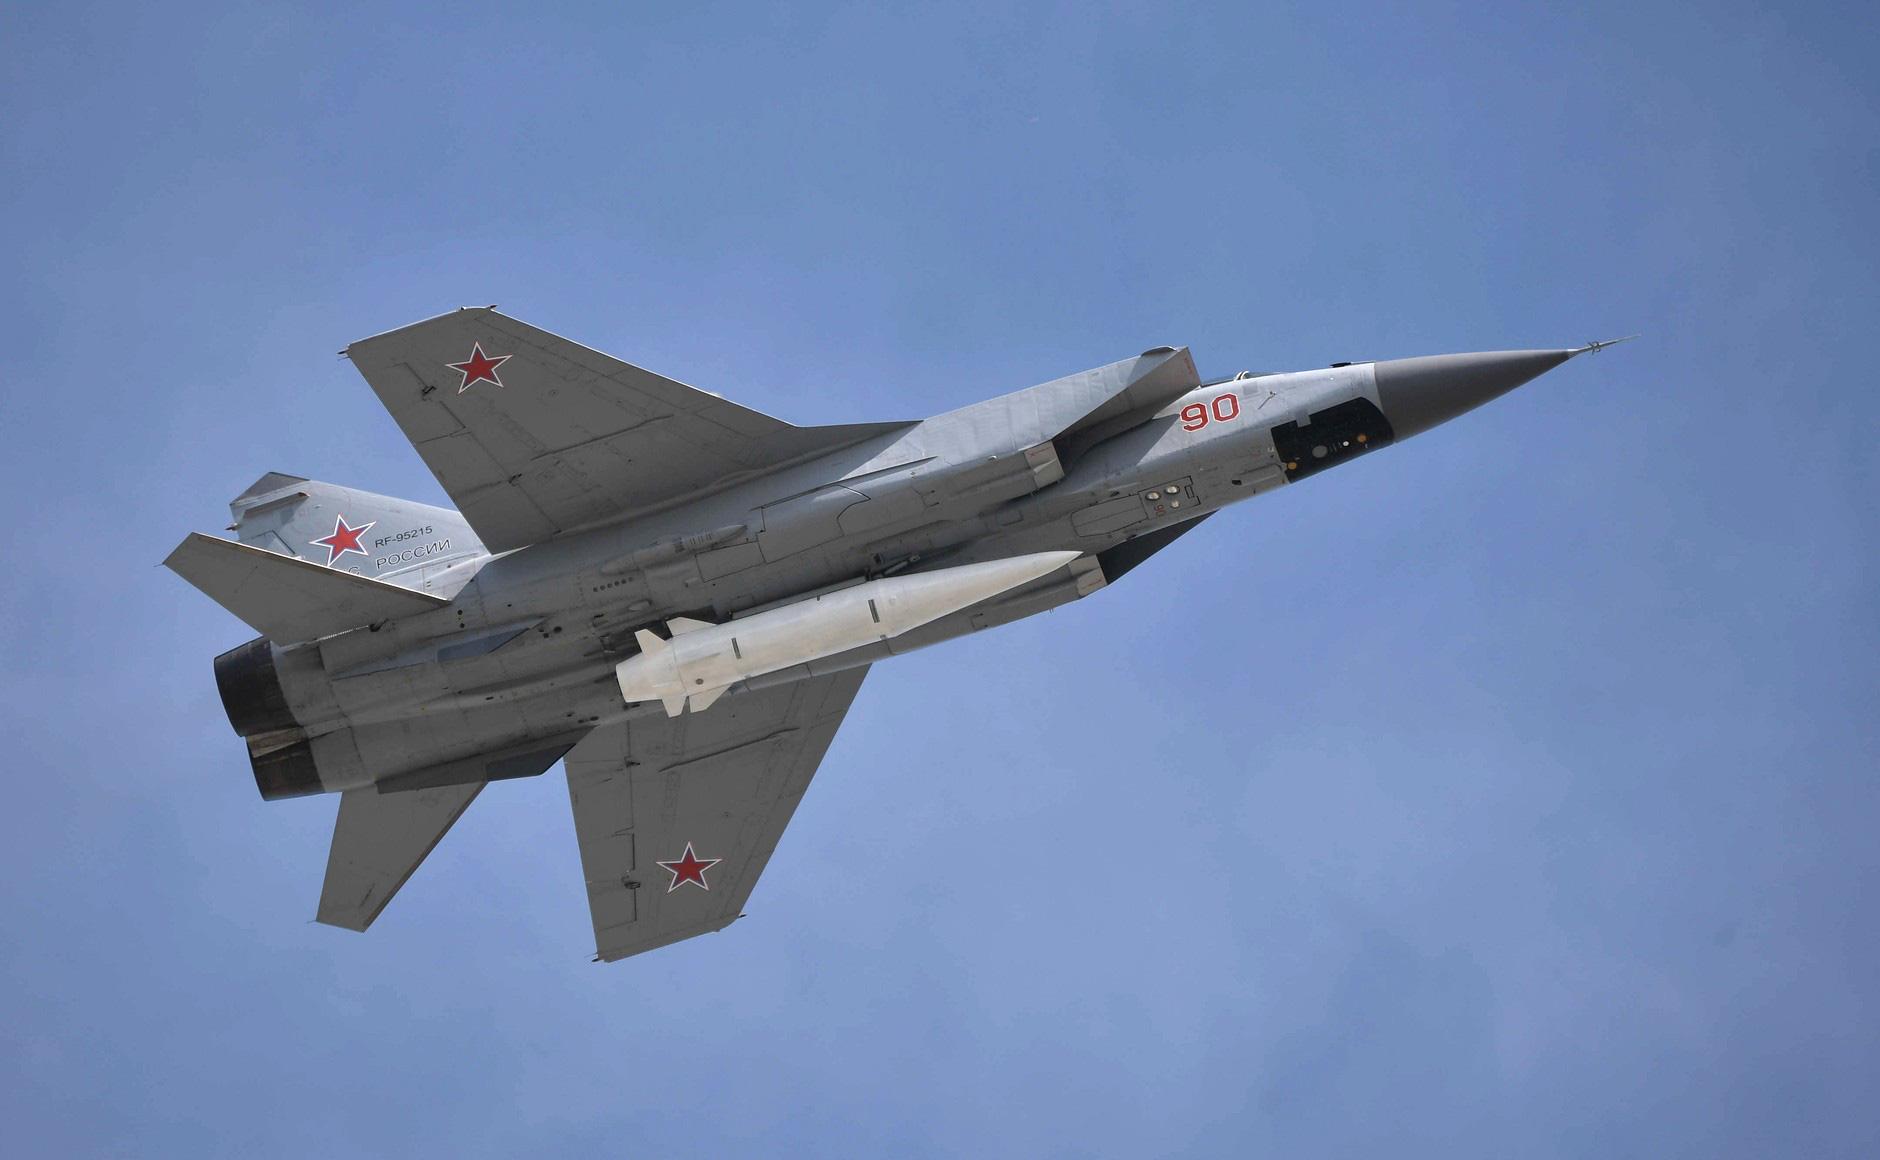 Vũ khí bí mật: NATO bó tay trước siêu vũ khí của Nga - Ảnh 1.